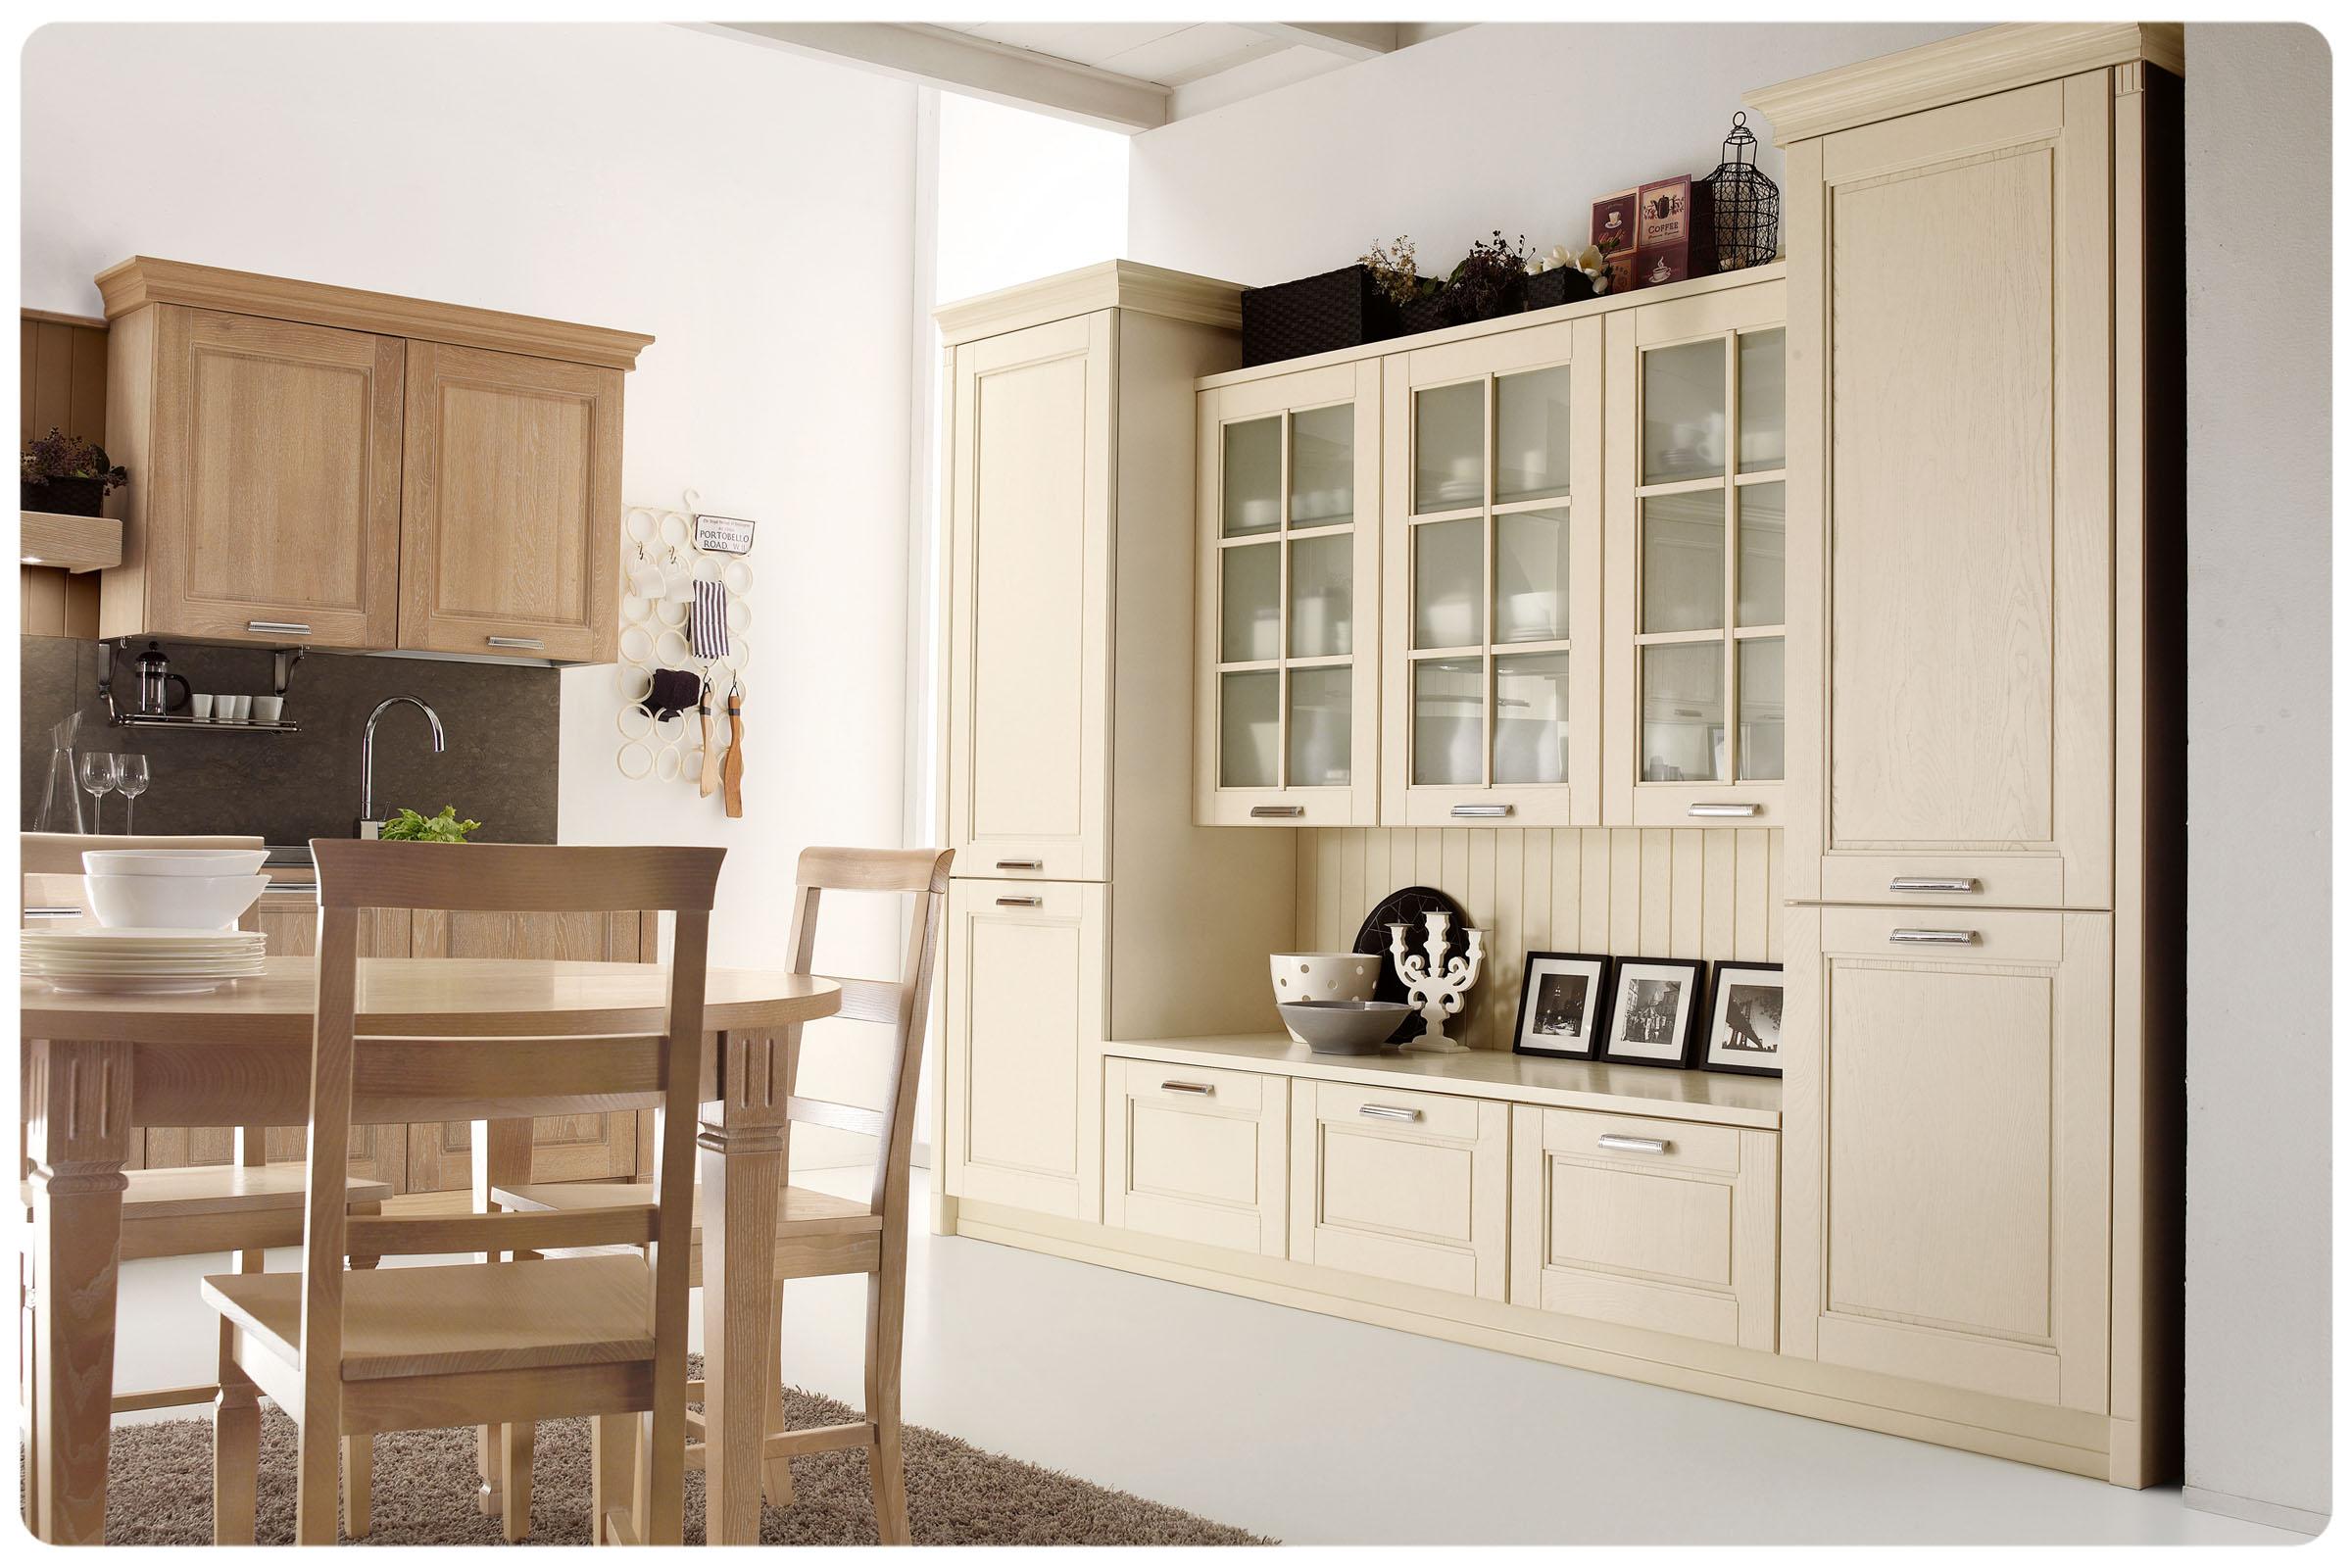 Cucine componibili classiche great cucina classica - Cucine componibili classiche prezzi ...